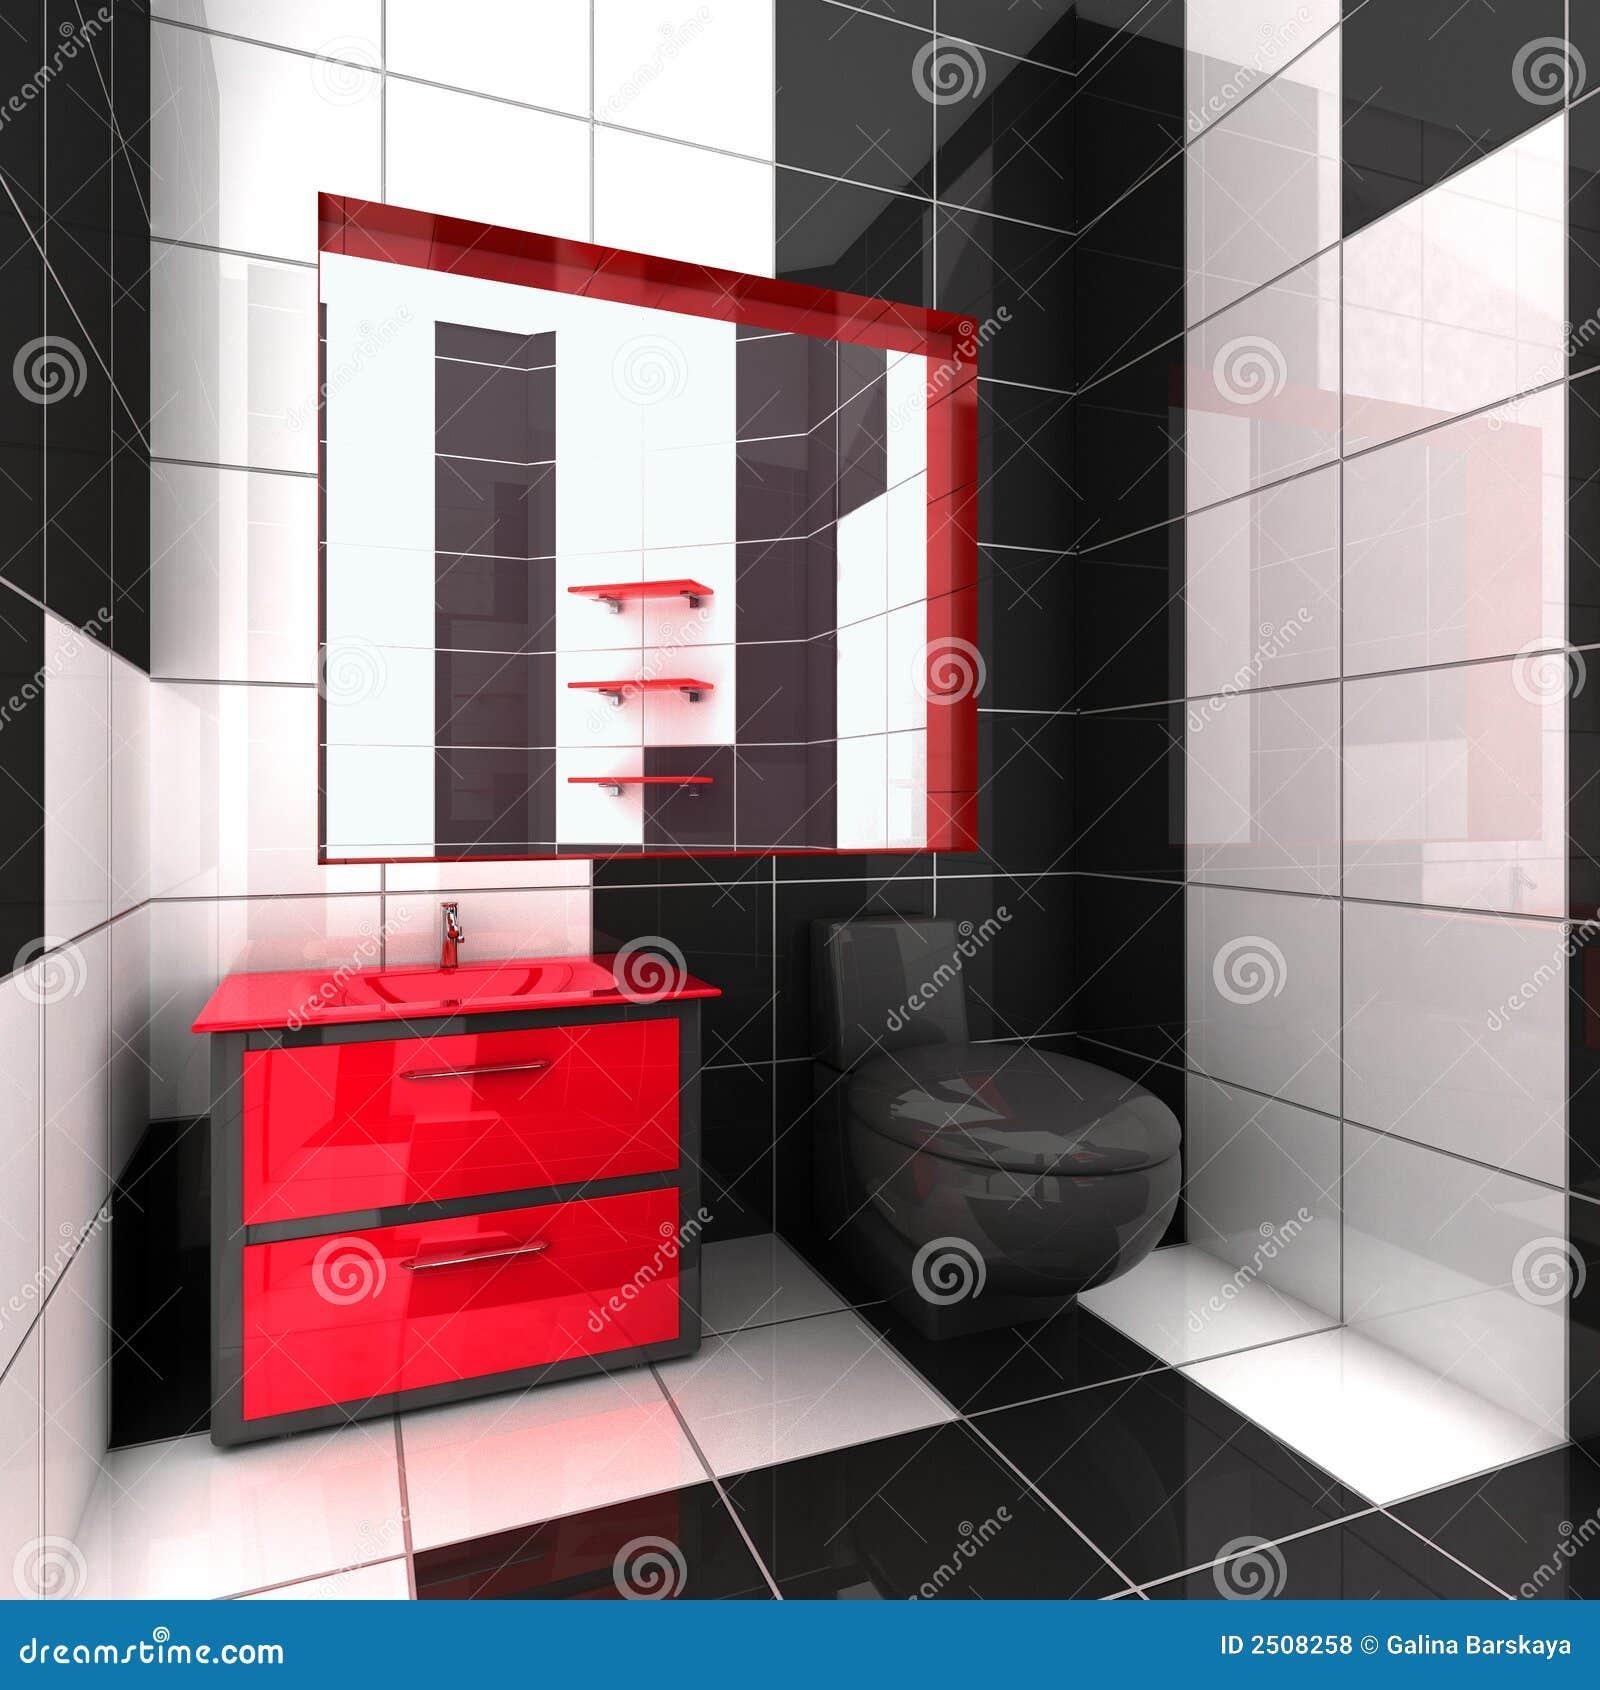 Imagens de #C10A1F  3D de um banheiro moderno no preto no branco e no vermelho 1300x1390 px 3726 Banheiros Planejados Preto E Branco